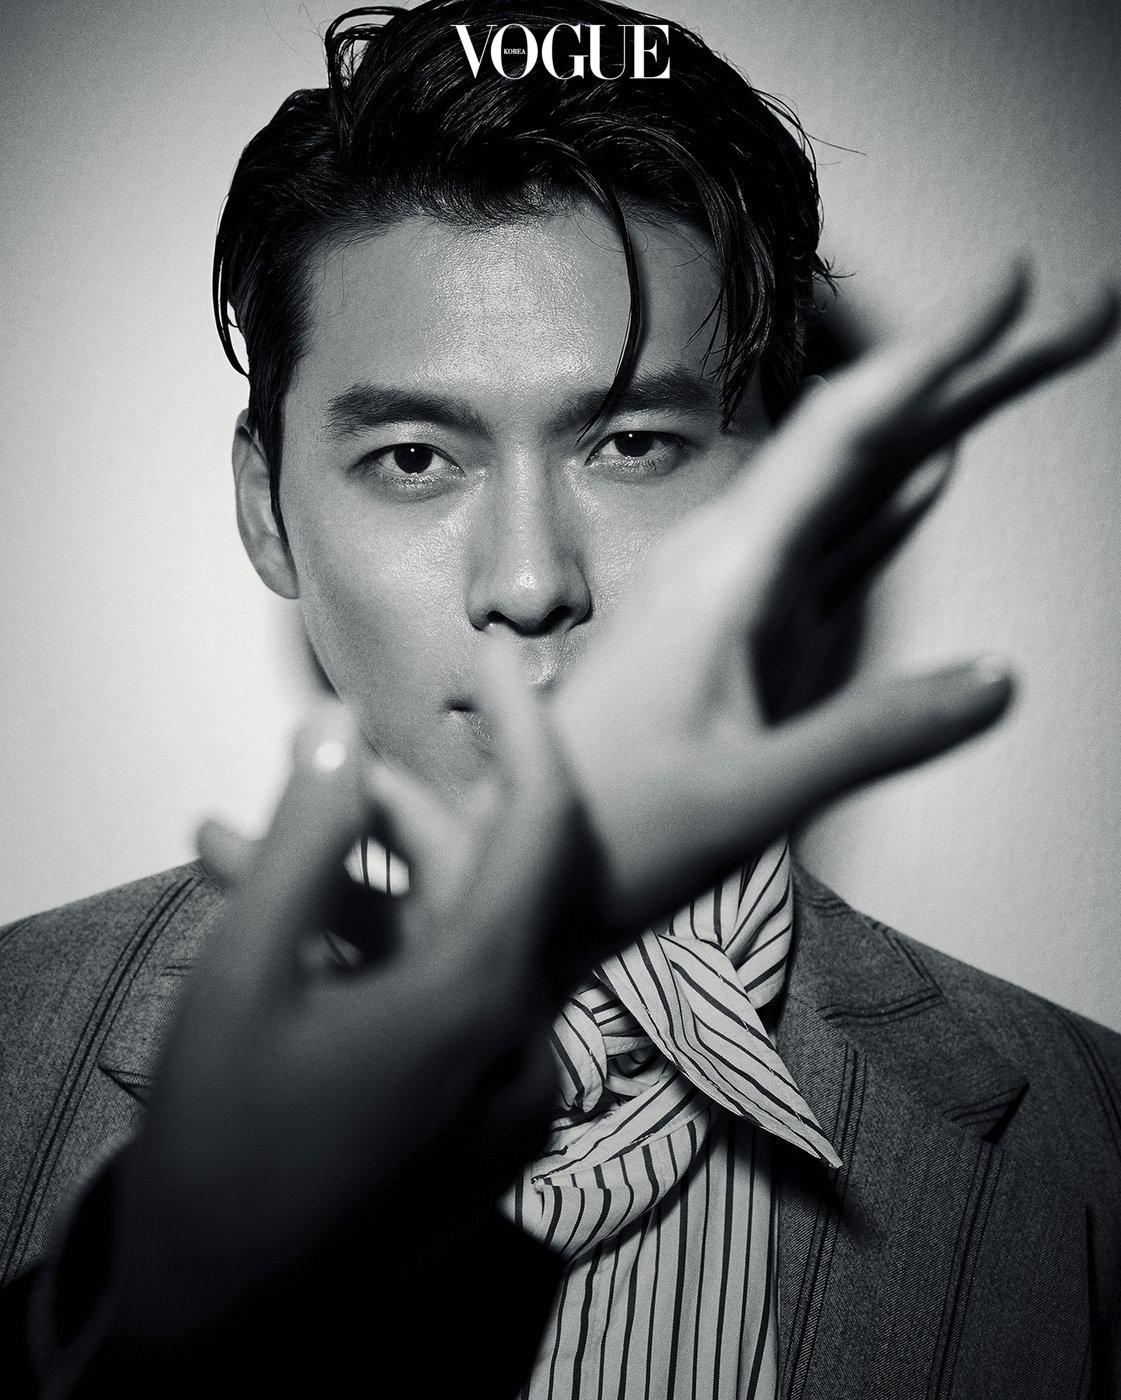 'Đàn ông Thiên Bình' Hyun Bin: Mỹ nam hoàn hảo trong mơ của hàng triệu phụ nữ 10